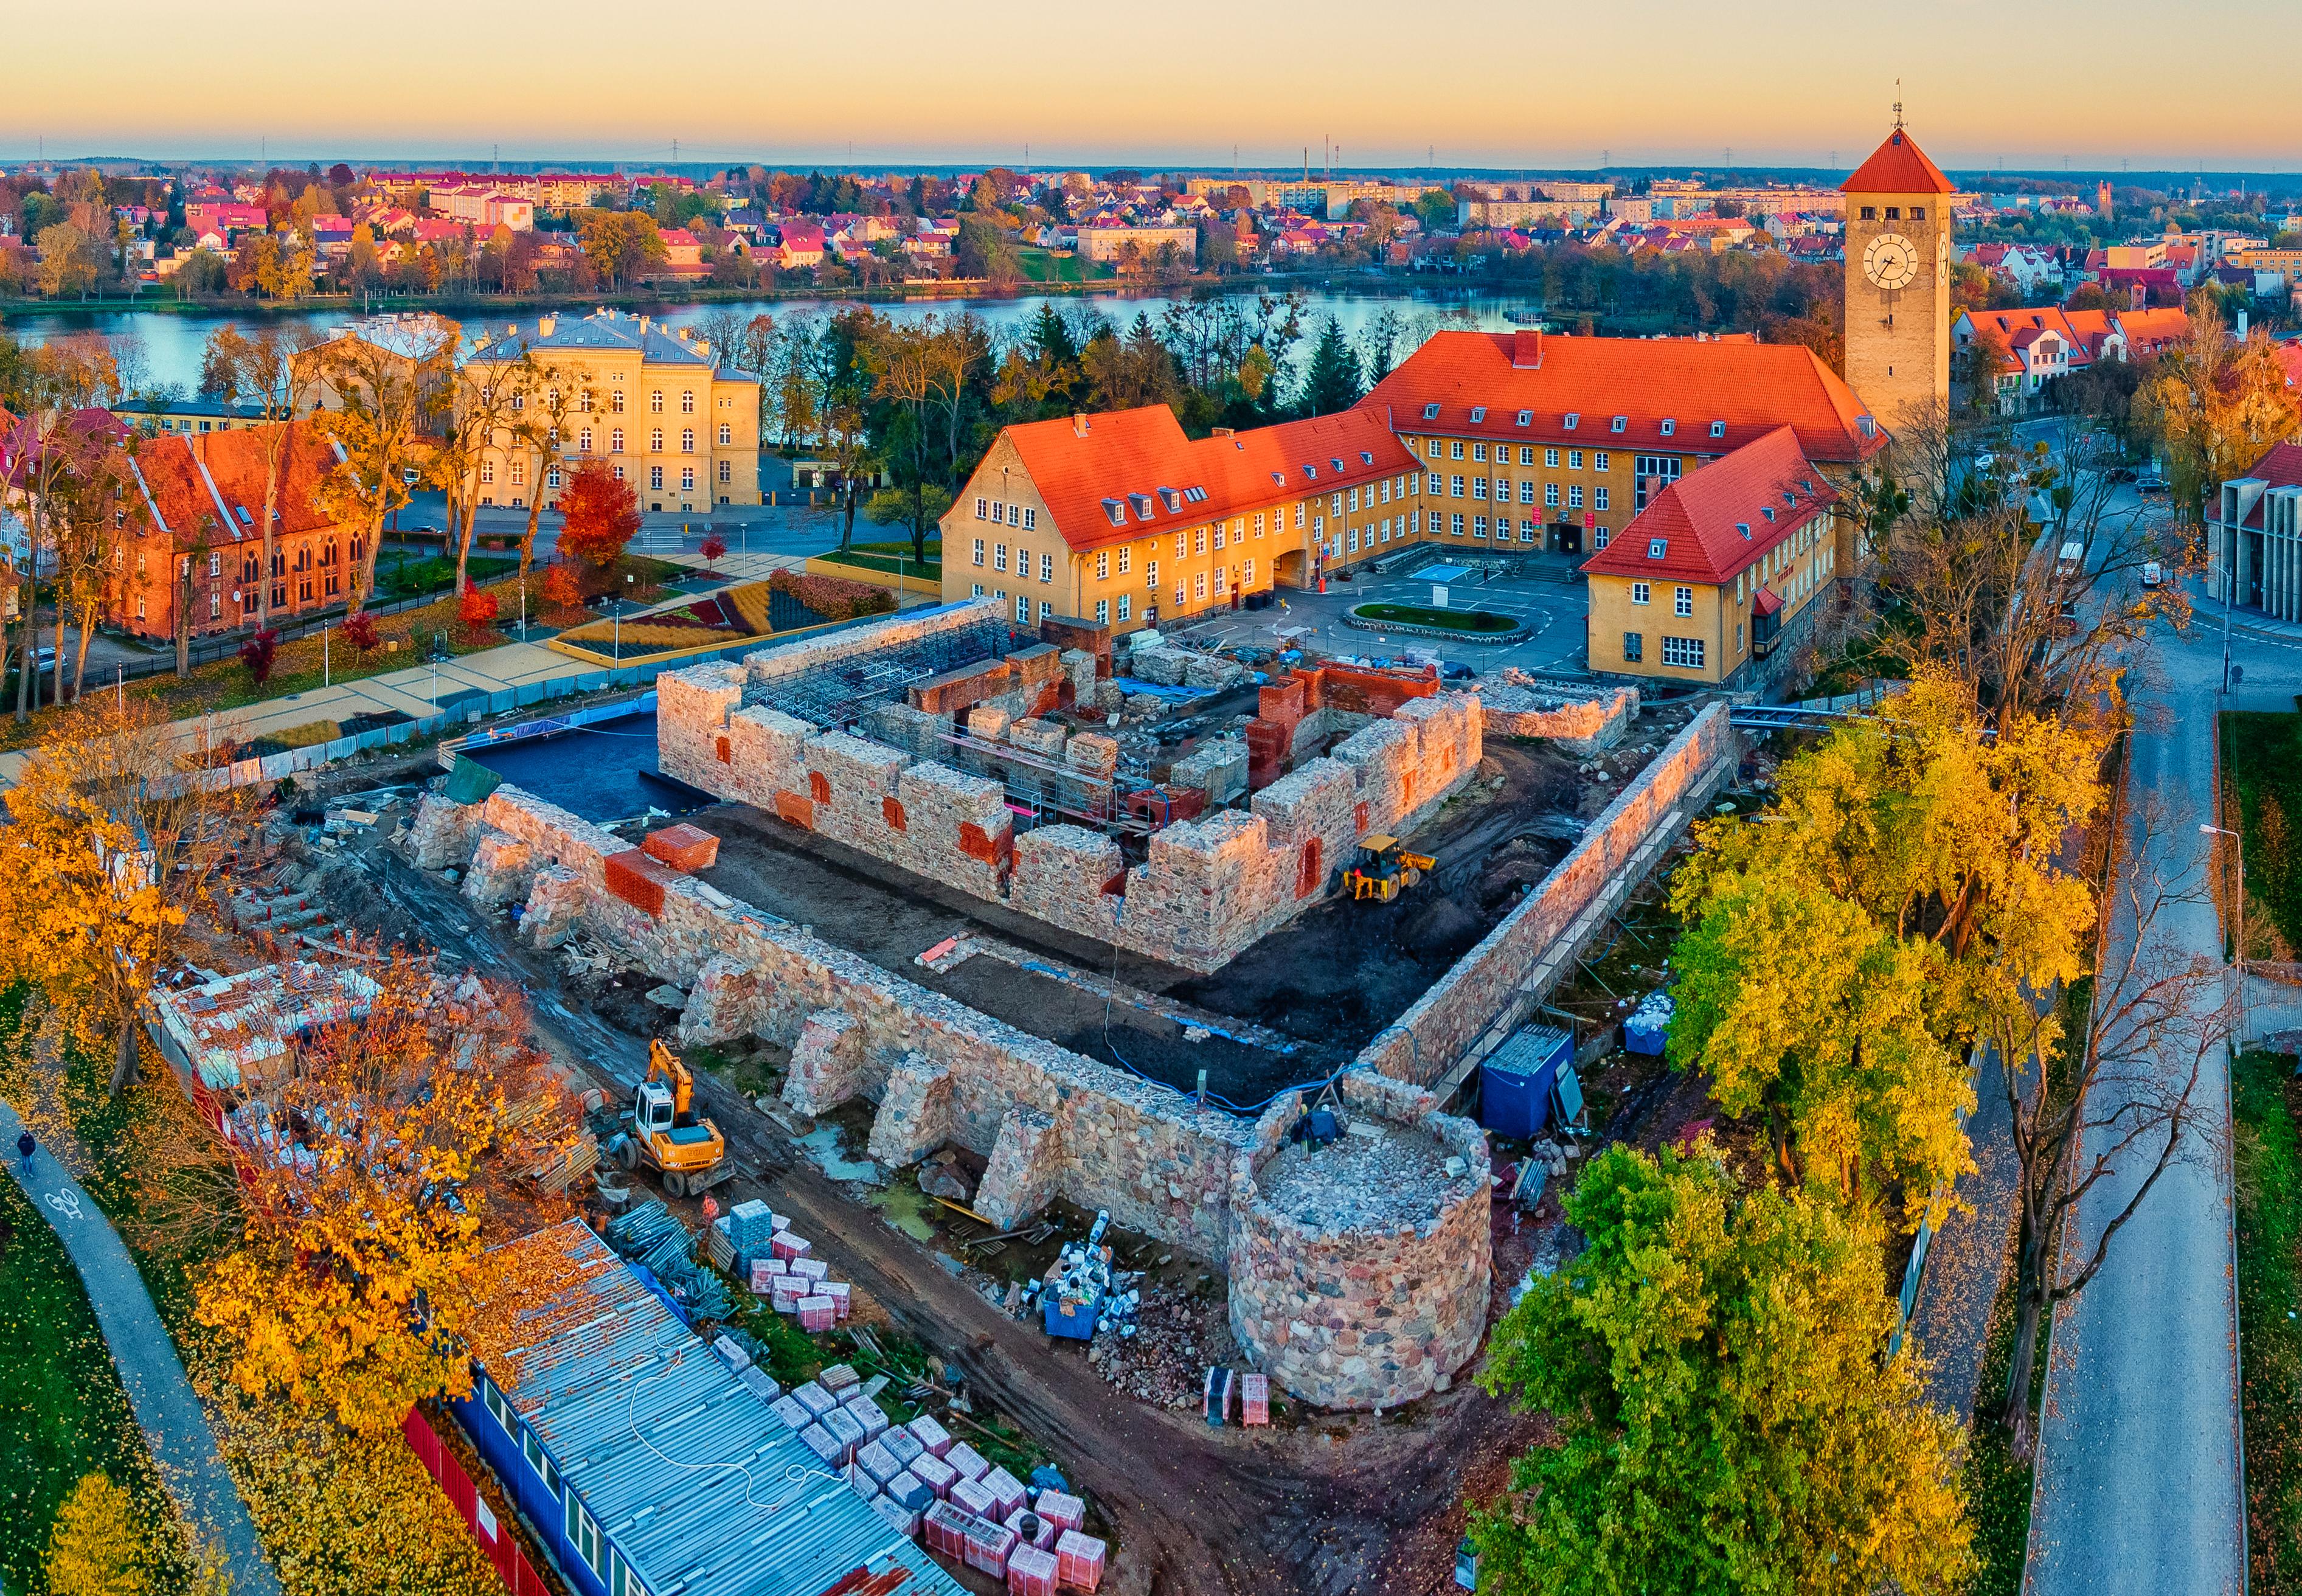 https://m.powiatszczycienski.pl/2021/04/orig/miasto-szczytno-fot-pawel-salamucha-39971.jpg